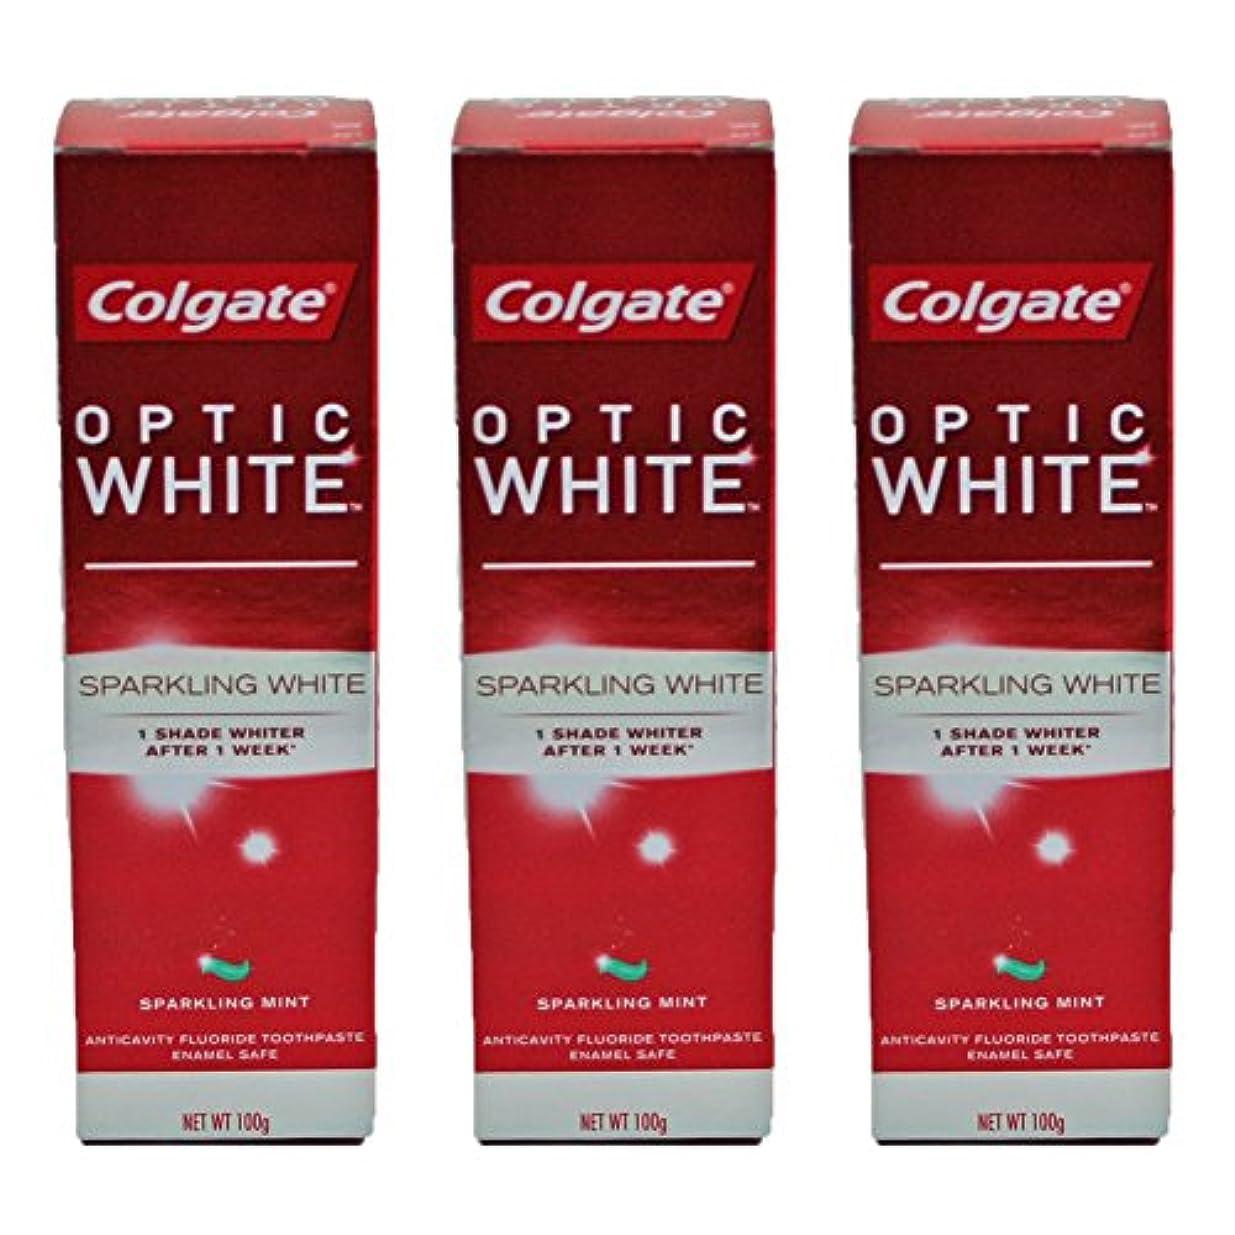 評論家発表シミュレートするコールゲート オプティック ホワイト スパークリングシャイン 100g 3個セット [並行輸入品]